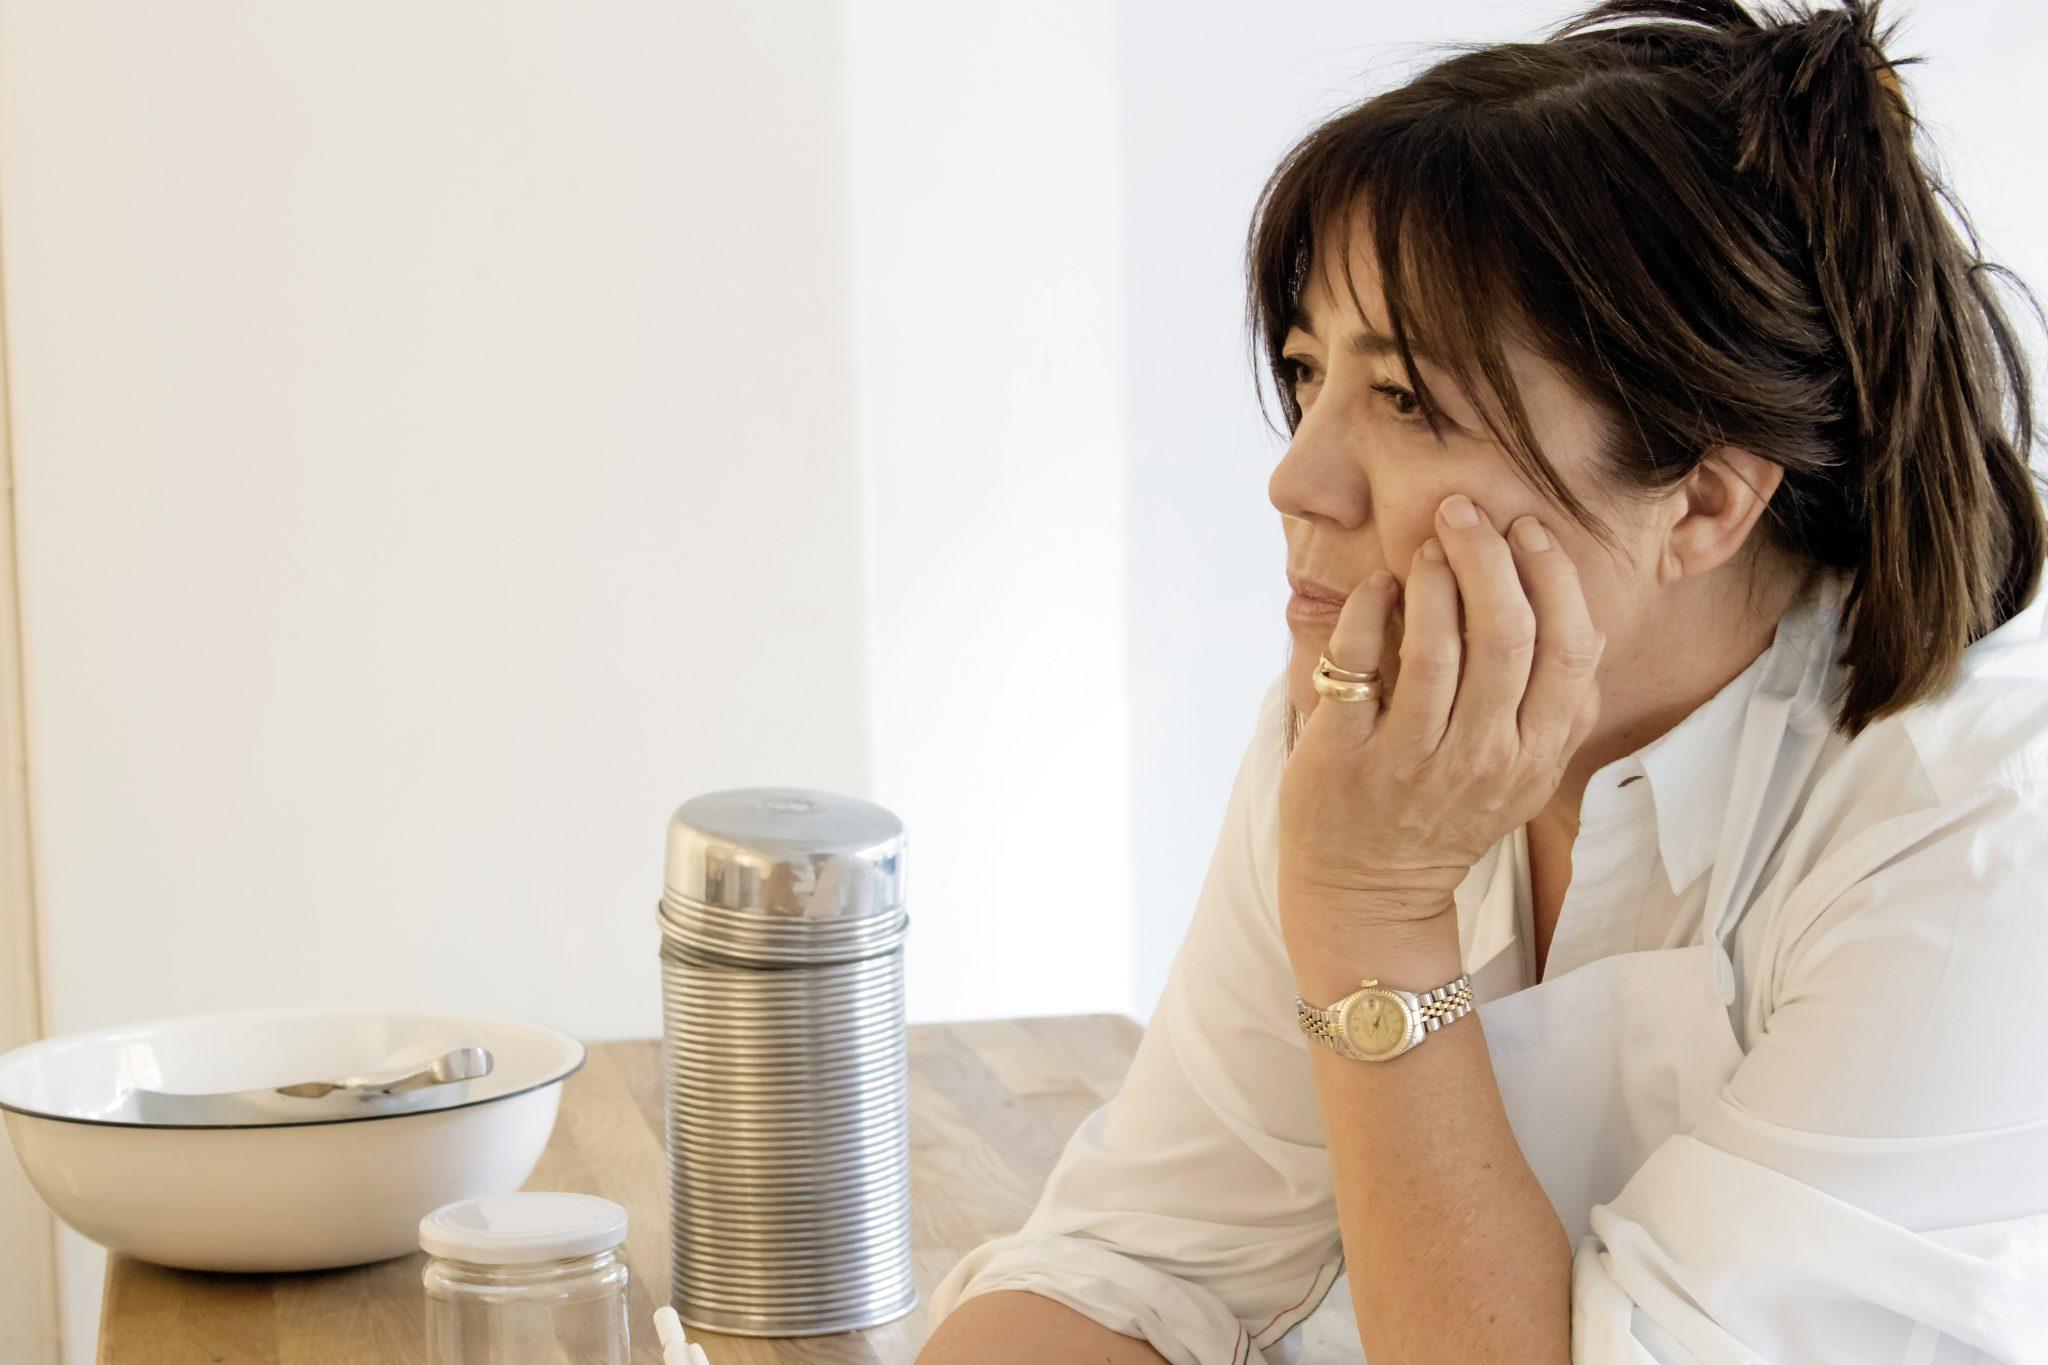 Gemütlich Hausfrauen Setzen Kugeln Fort Ideen - Entry Level Resume ...